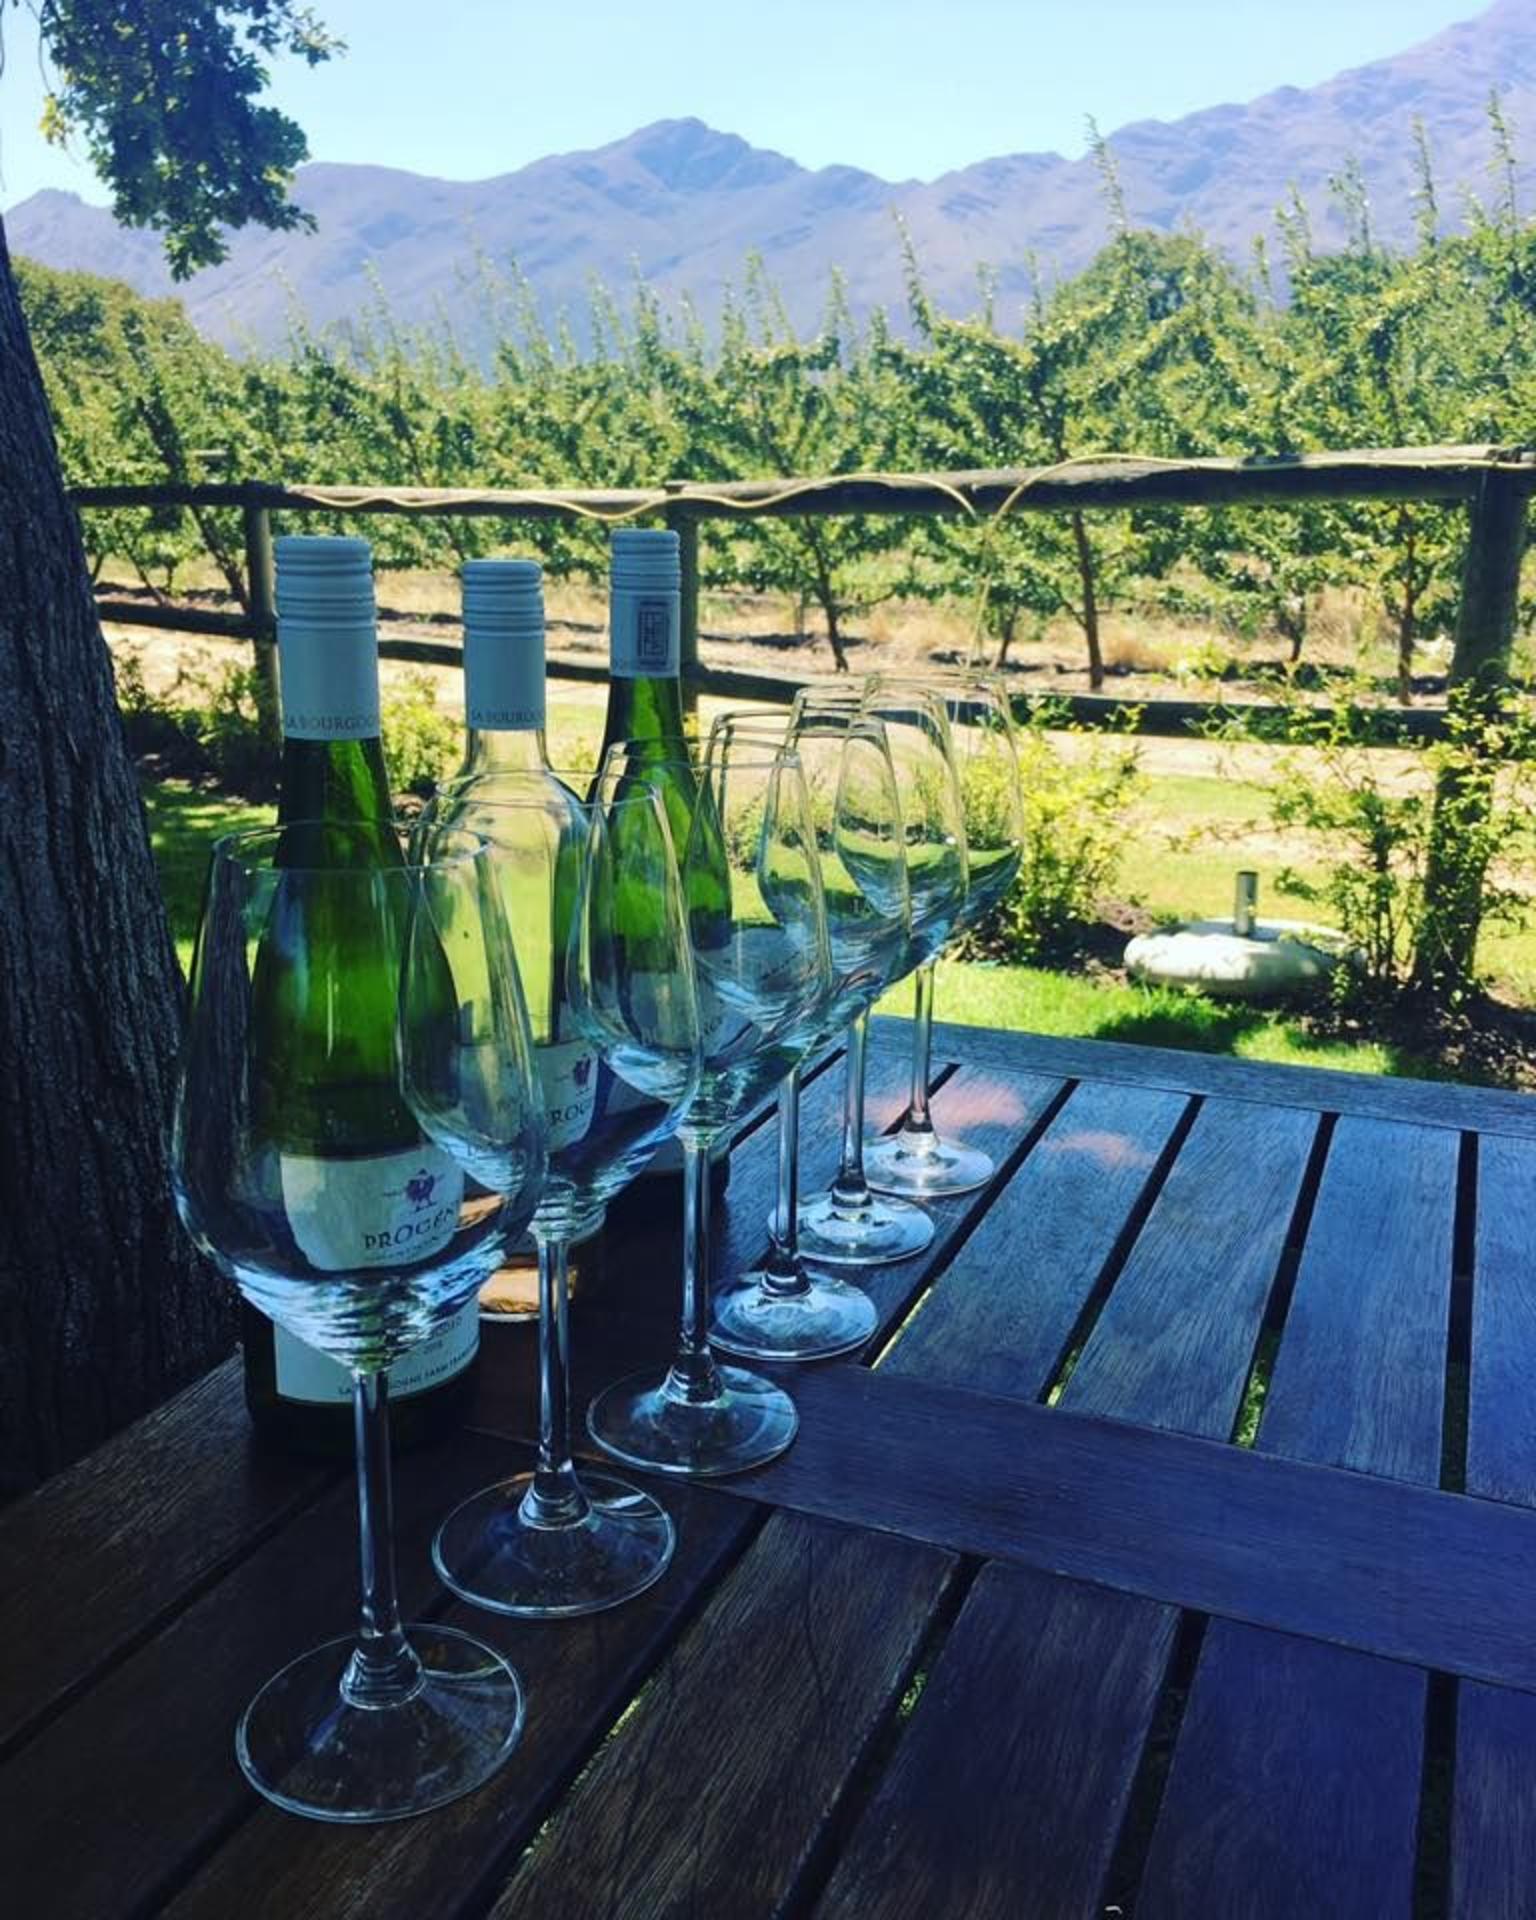 MAIS FOTOS, Excursão guiada de dia inteiro em vinícola no Vale de Franschhoek, incluindo bonde do vinho saindo da Cidade do Cabo